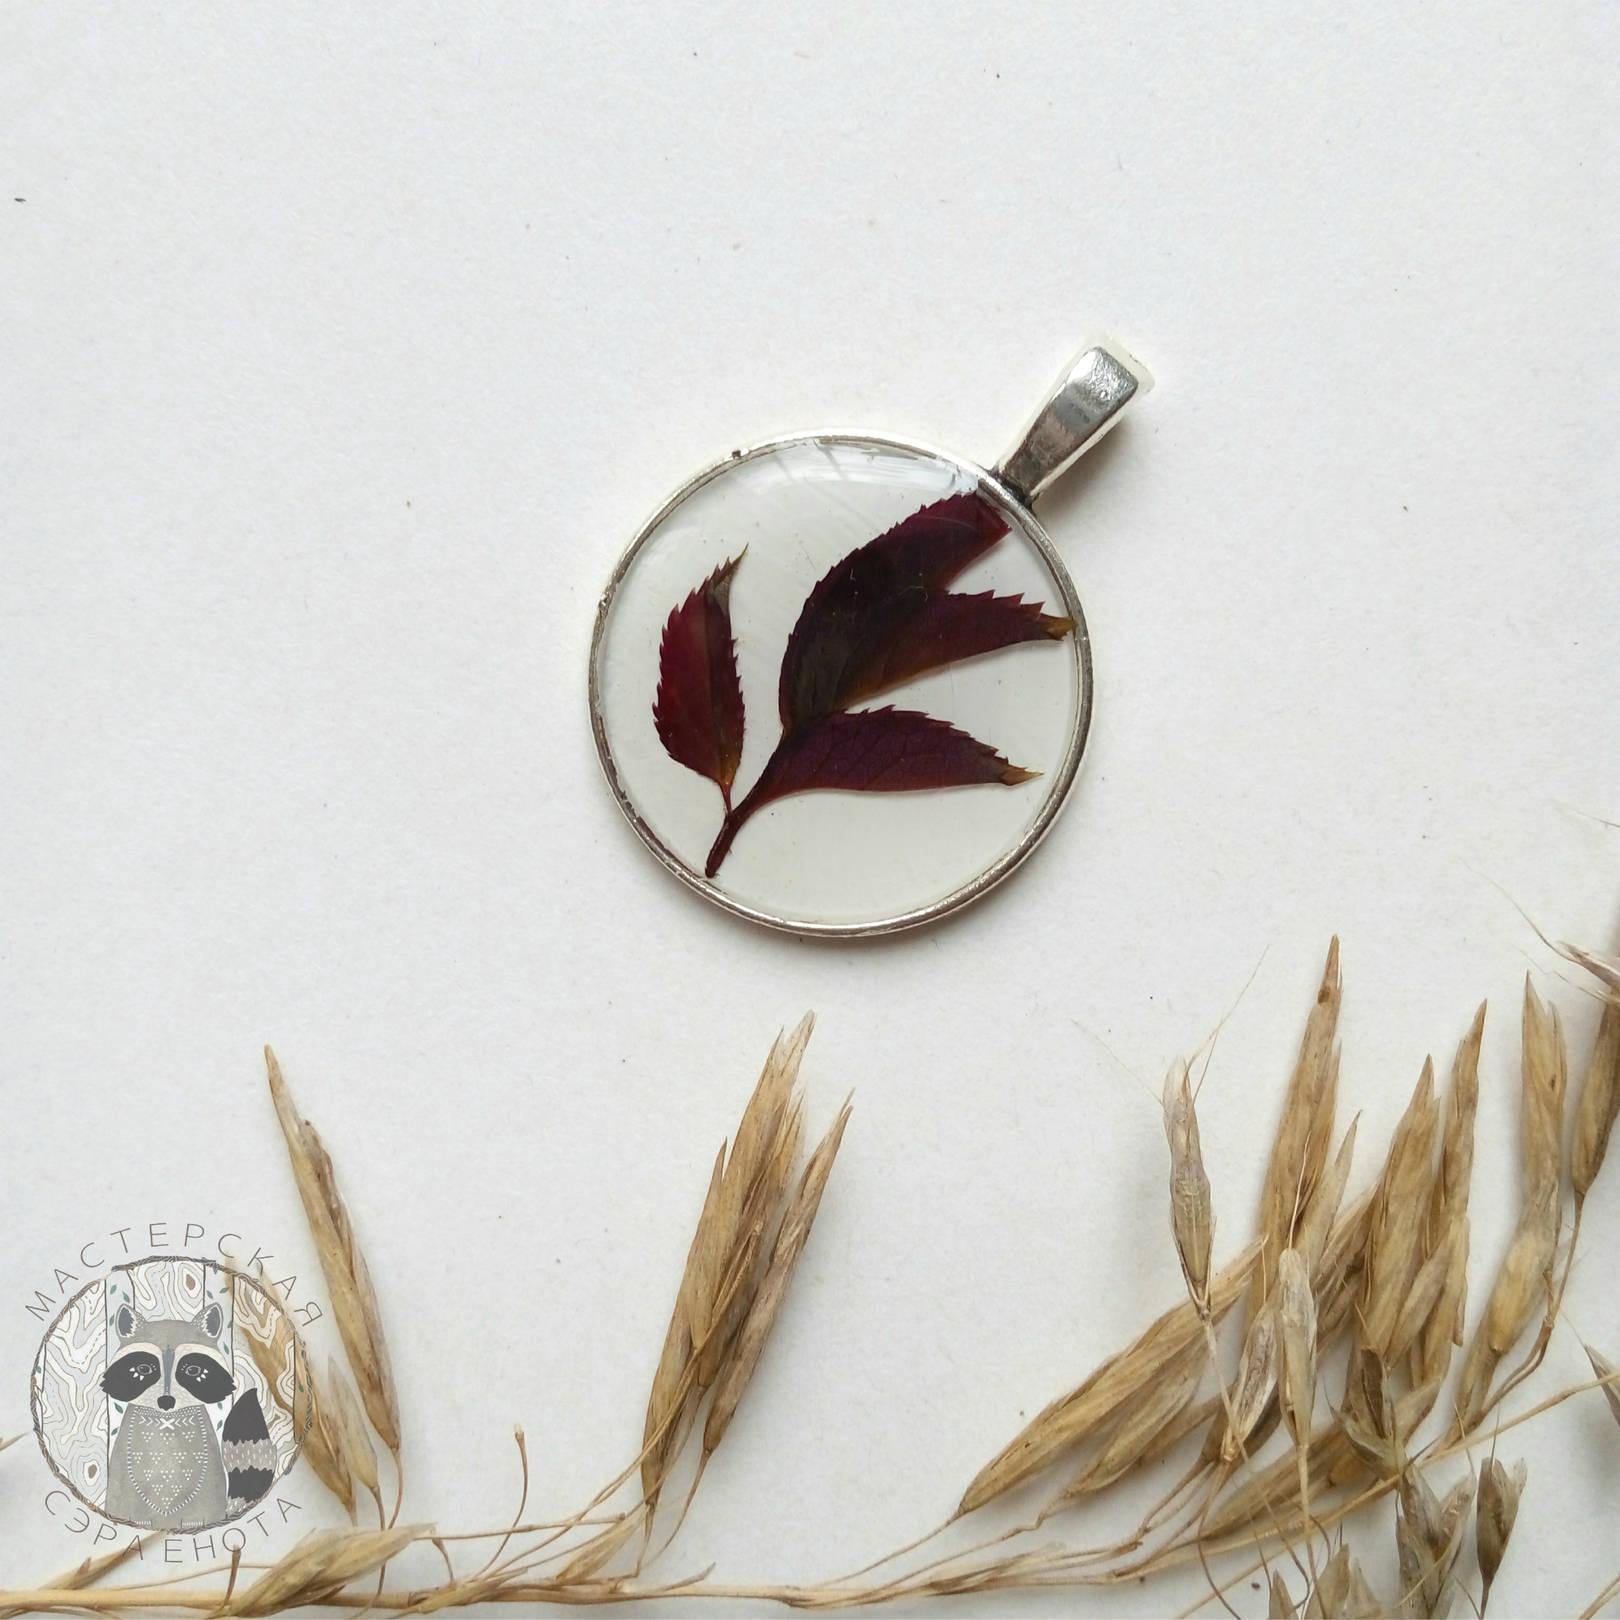 Кулон с листьями розы Материалы: эпоксидная смола, сухоцветы, фурнитура цвета серебра. Размер 25 мм